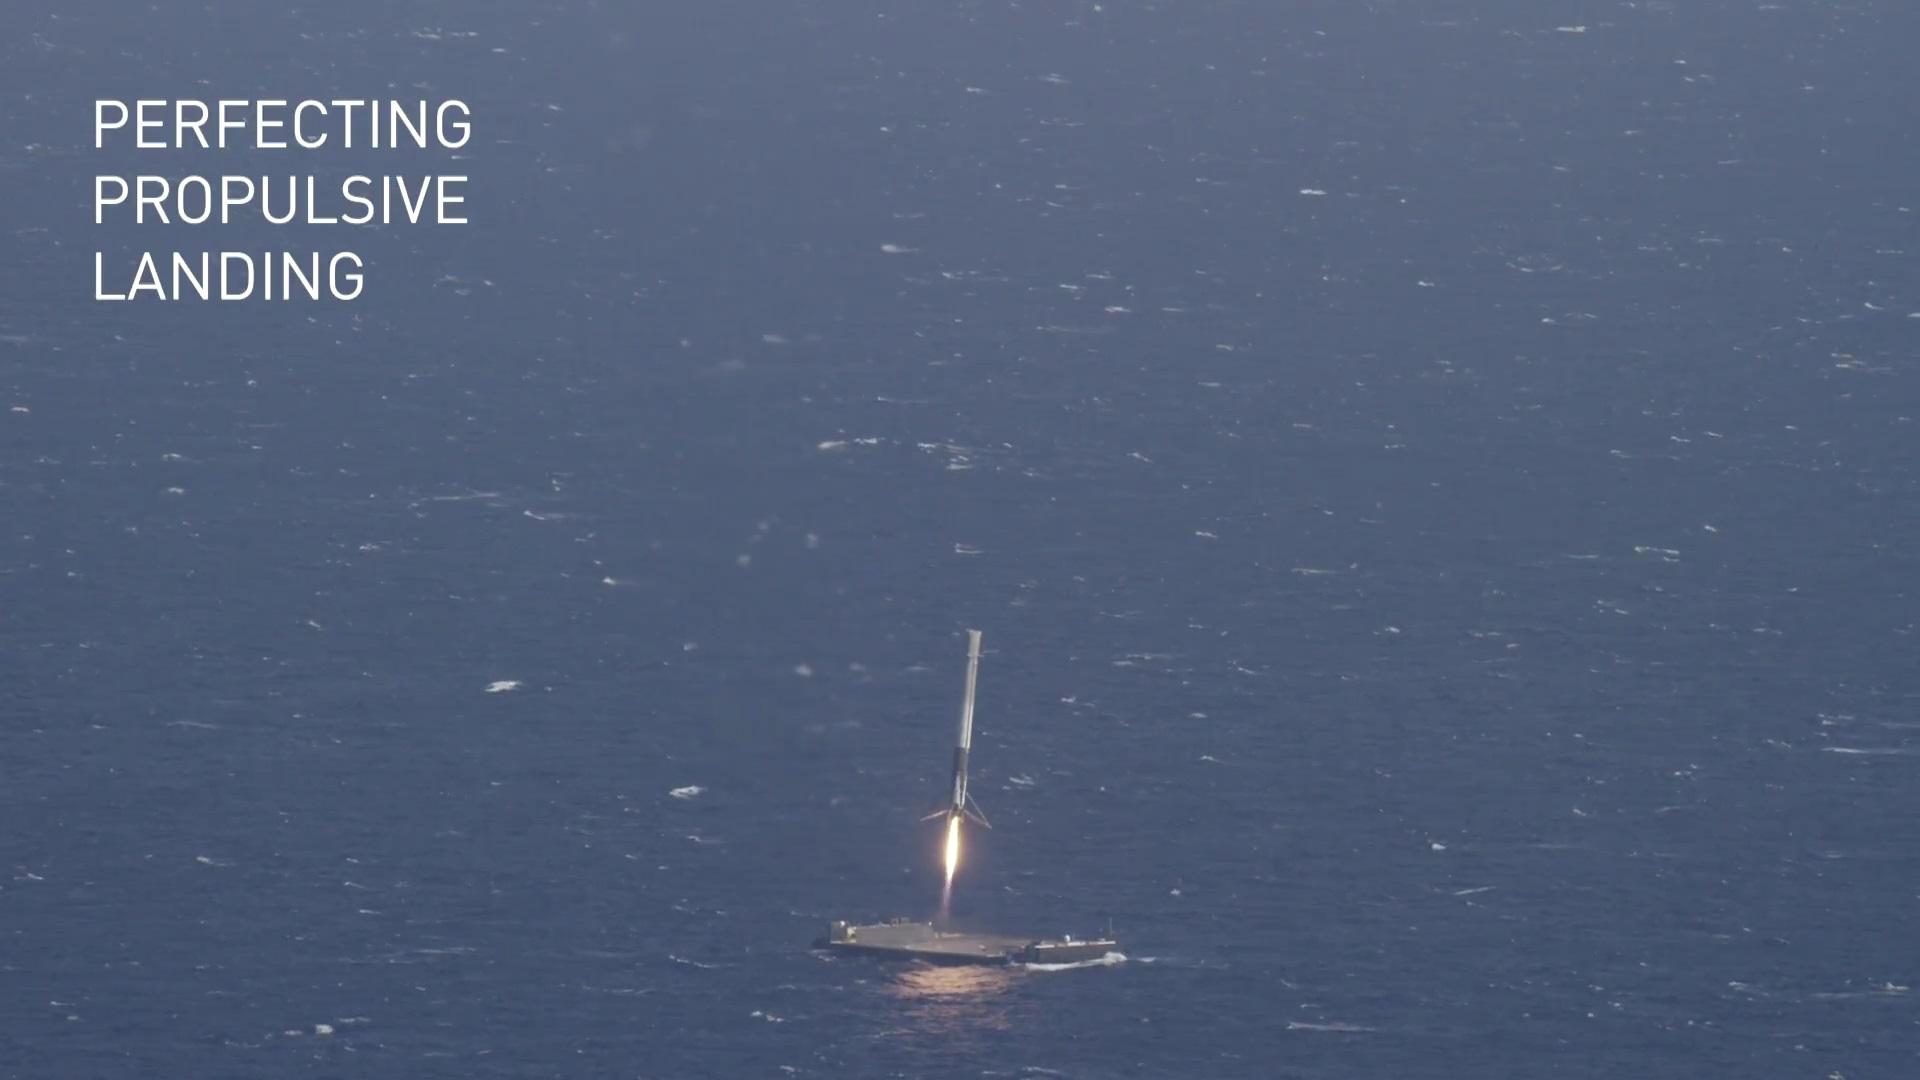 Cała procedura lądowania jest w pełni automatyczna – barka na której ląduje rakieta również jest autonomiczna.